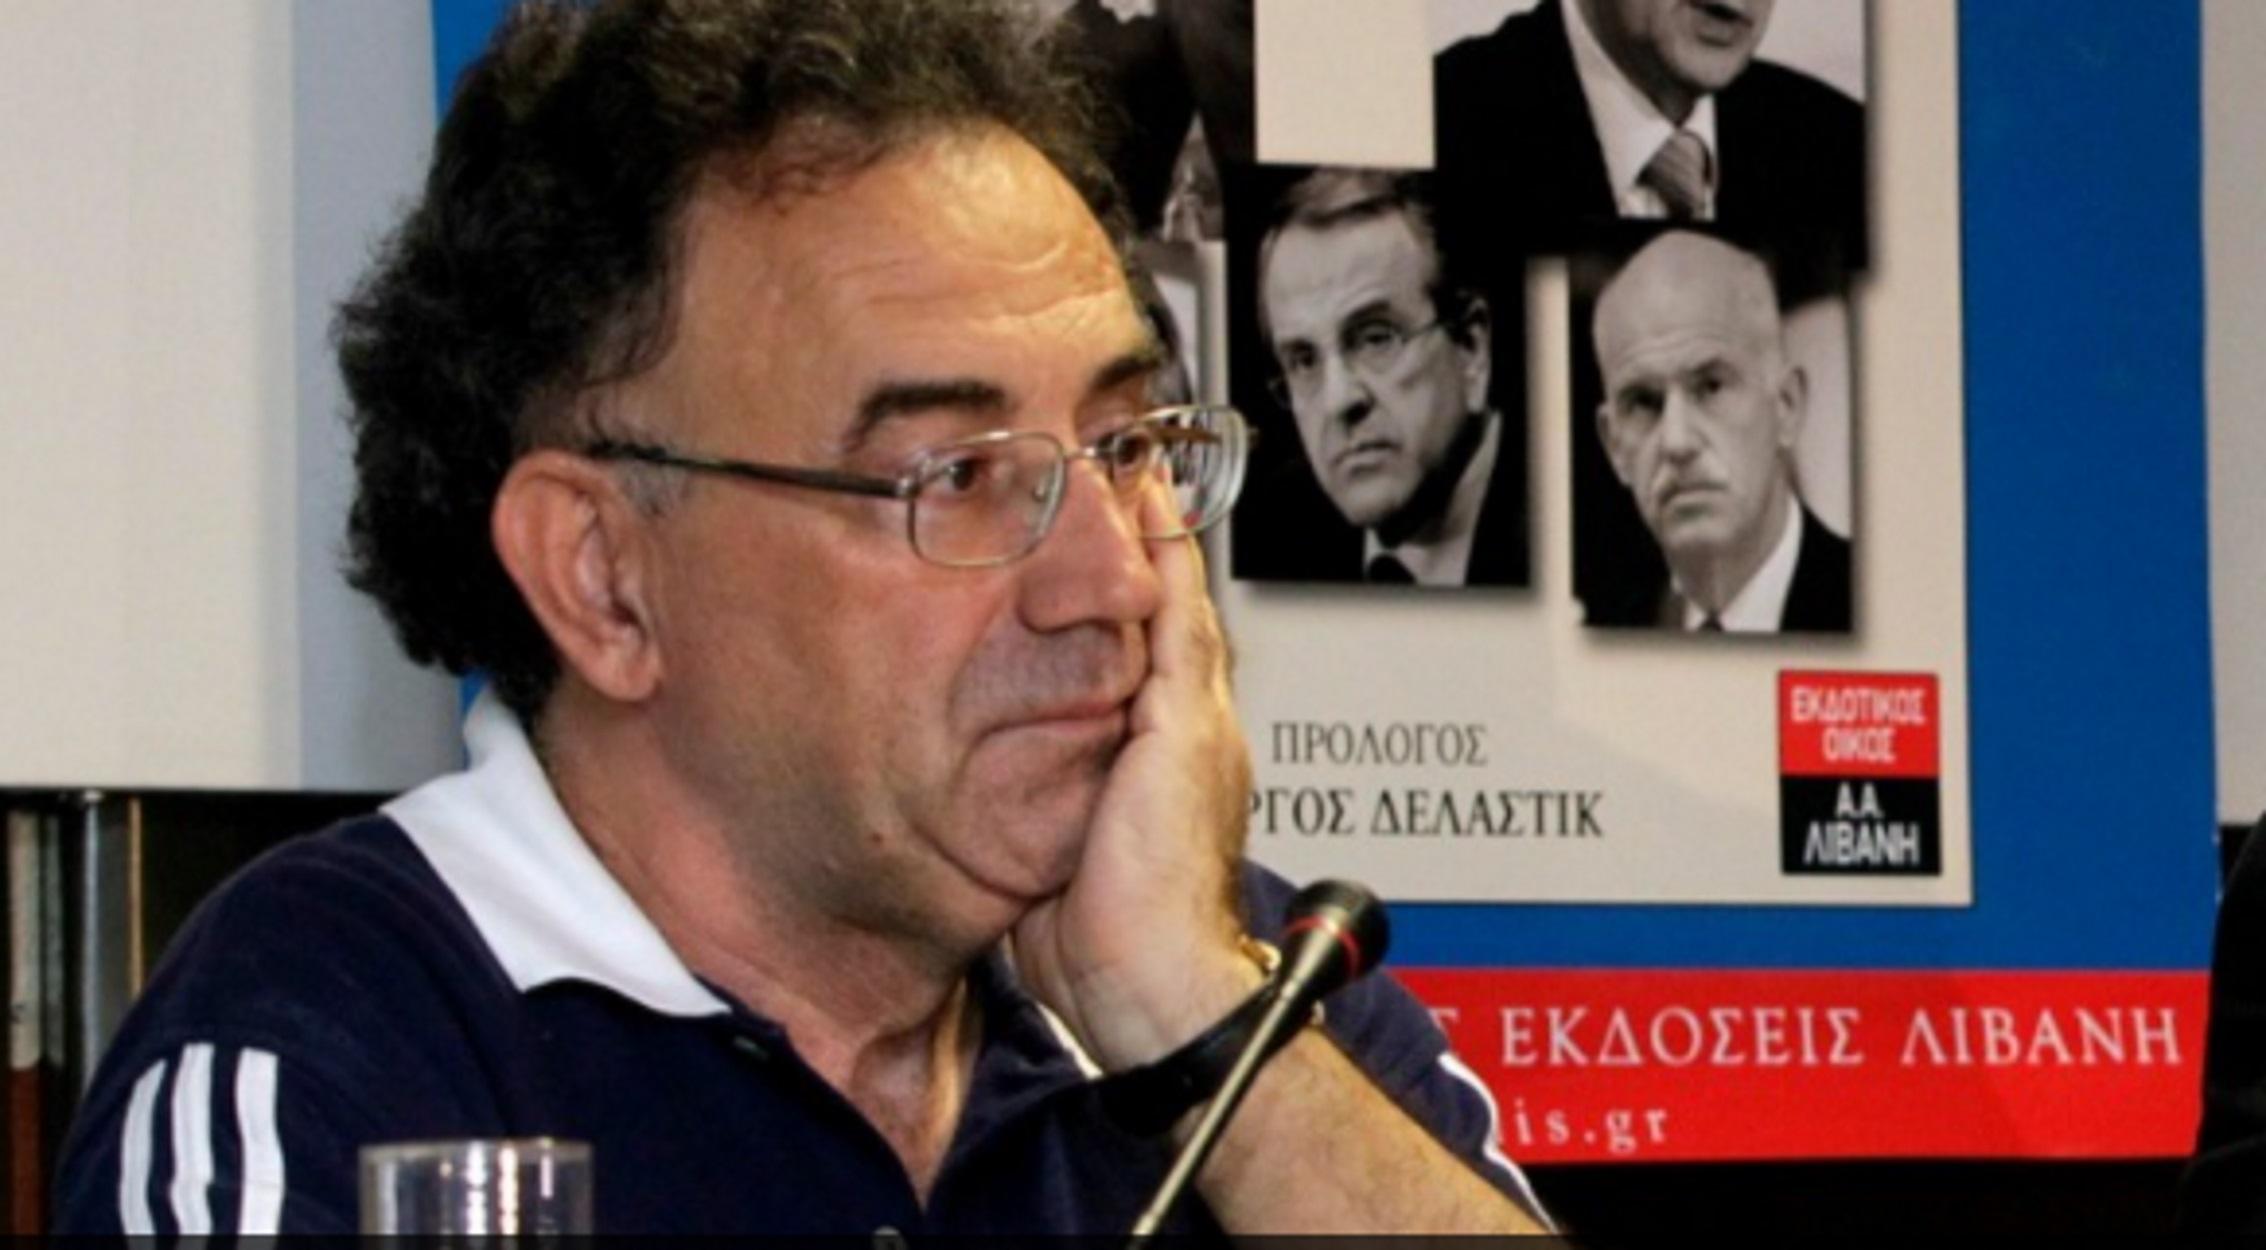 Στο αποτεφρωτήριο Ριτσώνας η κηδεία του δημοσιογράφου Γιώργου Δελαστίκ